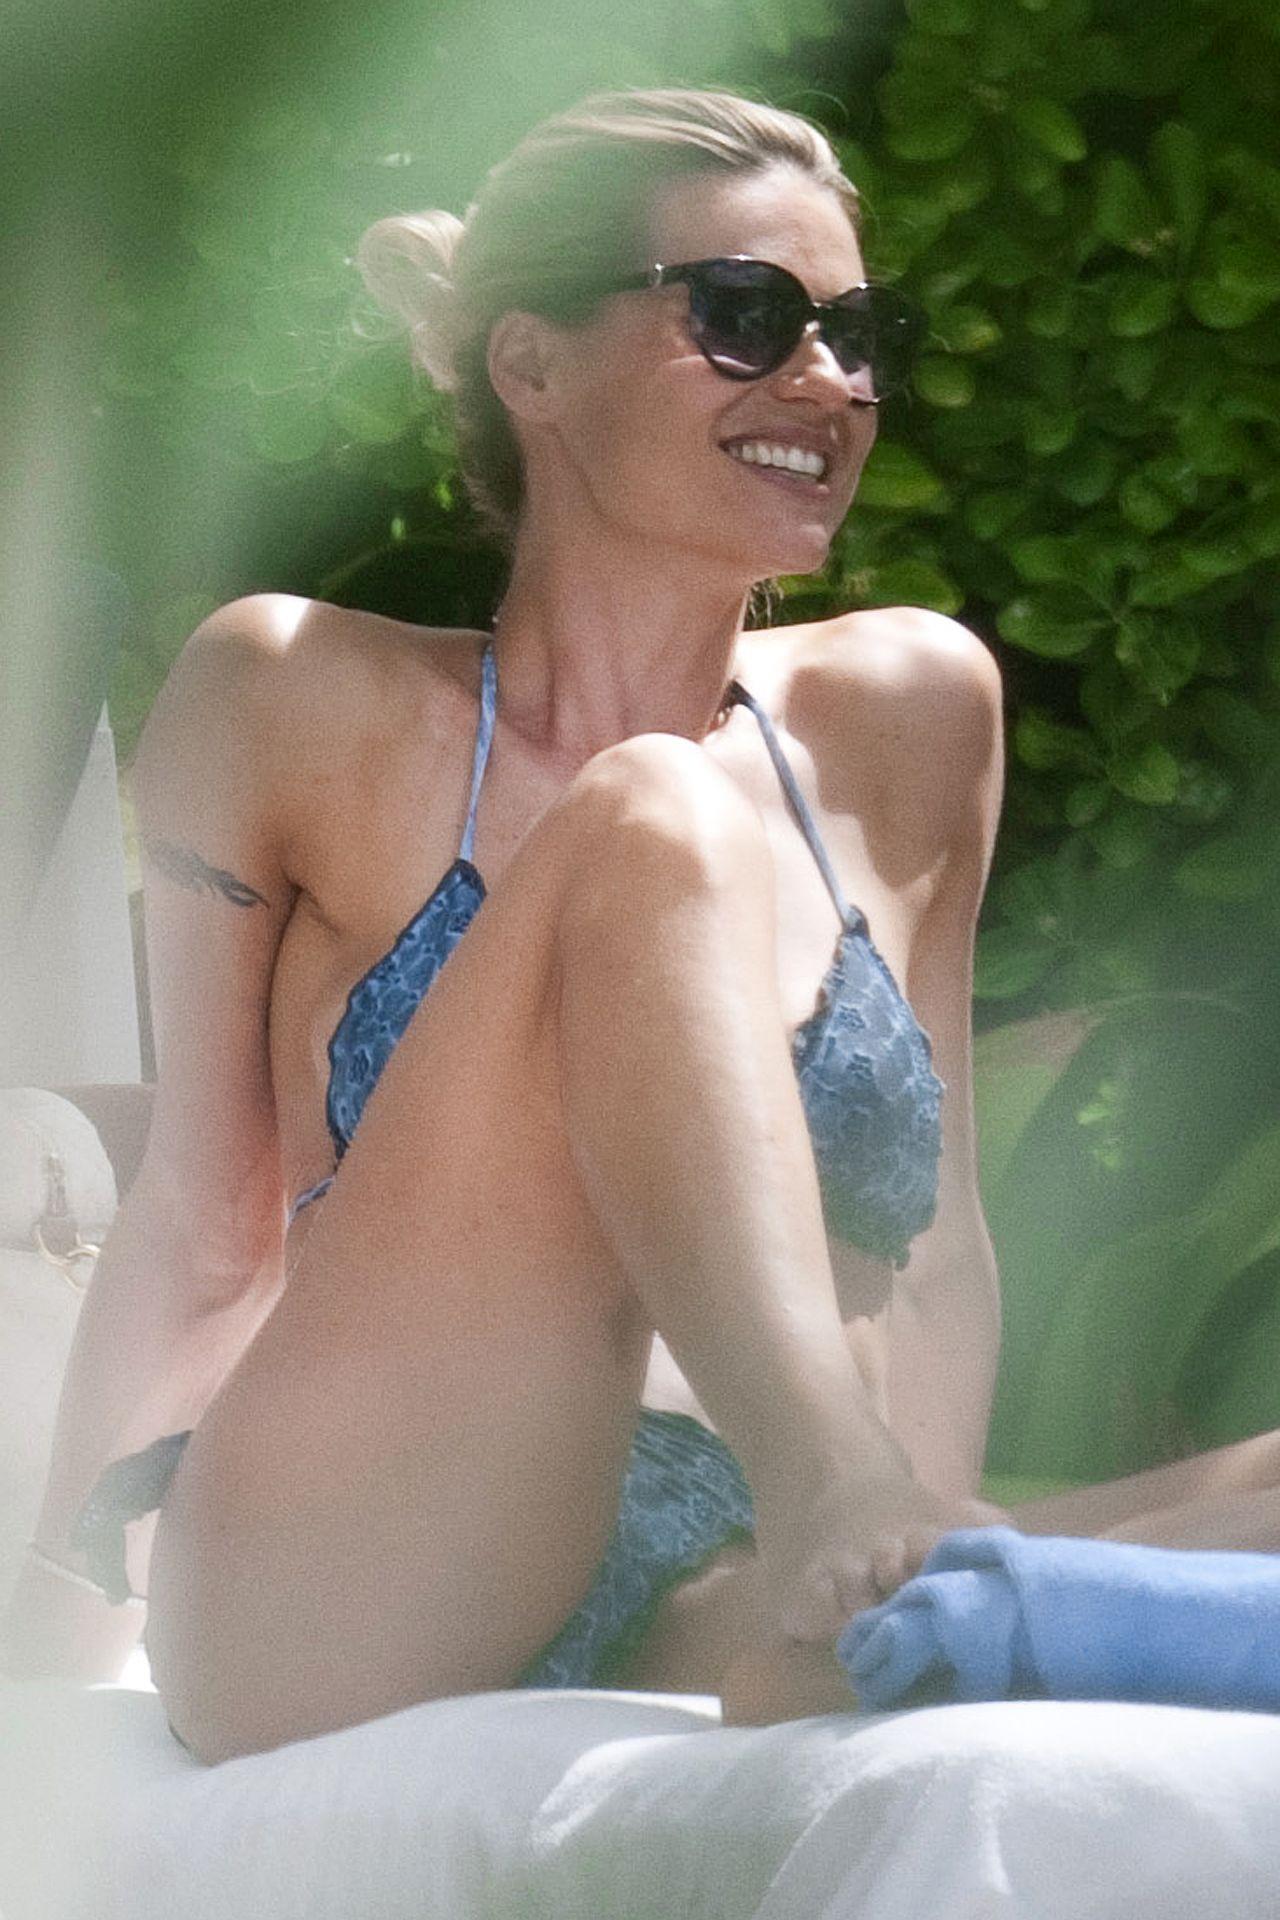 Michelle Hunziker Bikini Candids -  Poolside in Forte dei Marmi - July 2014